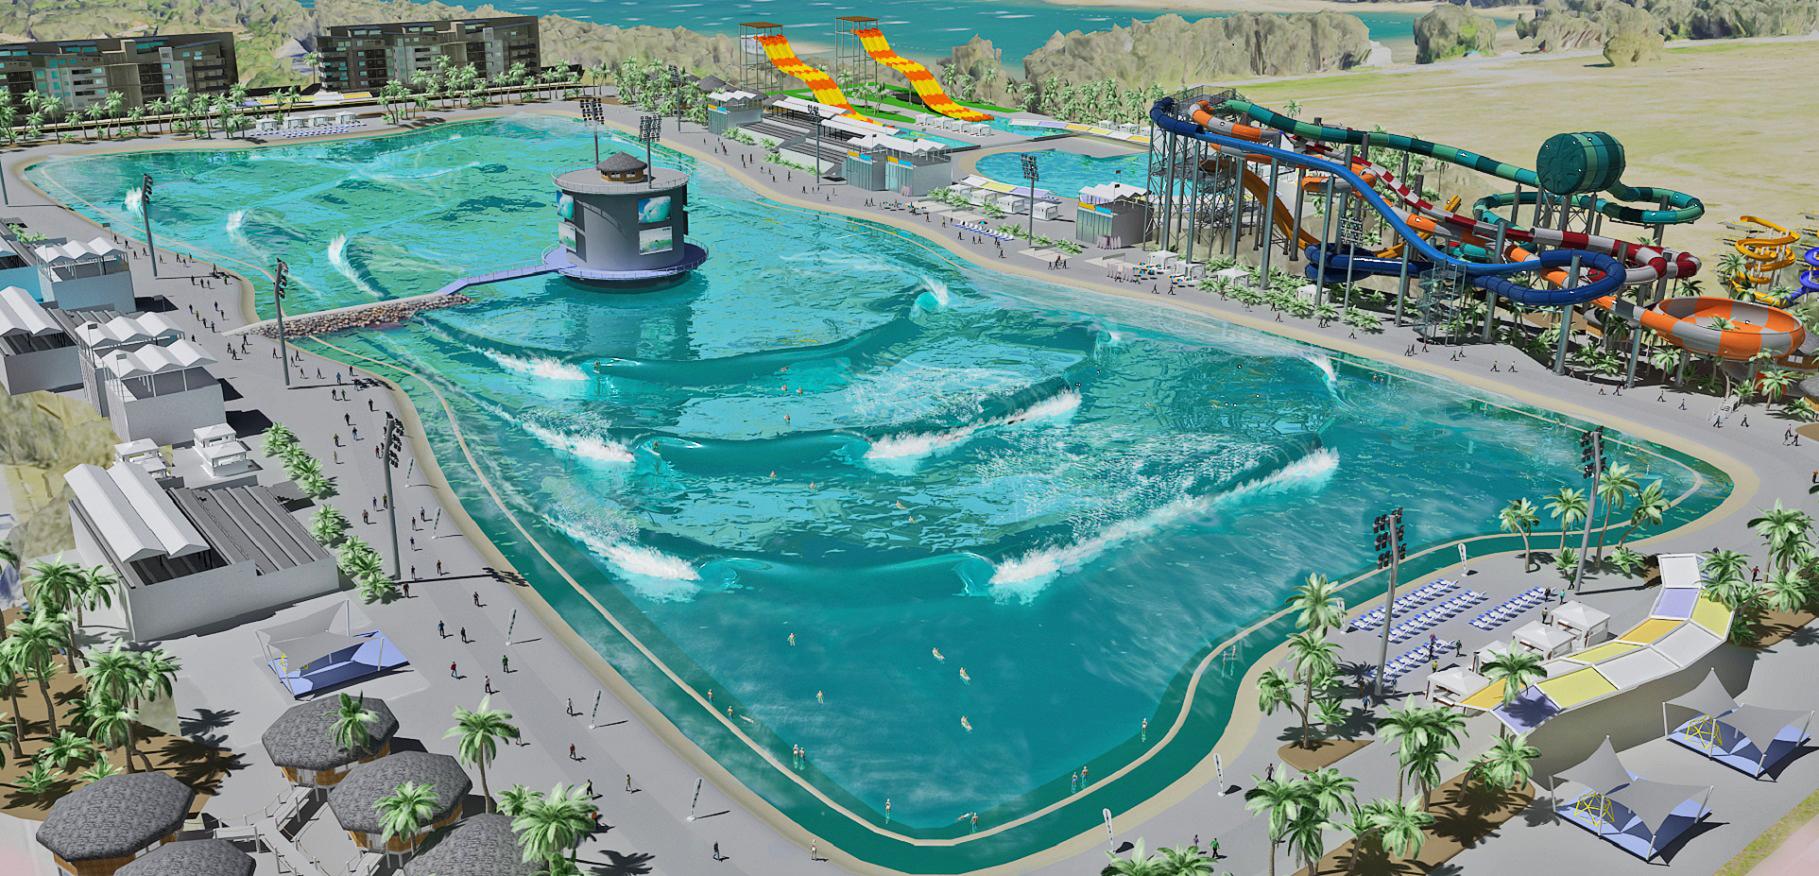 Mark Occhilupo ajuda a desenvolver piscina de ondas revolucionária na Austrália. Foto: Divulgação